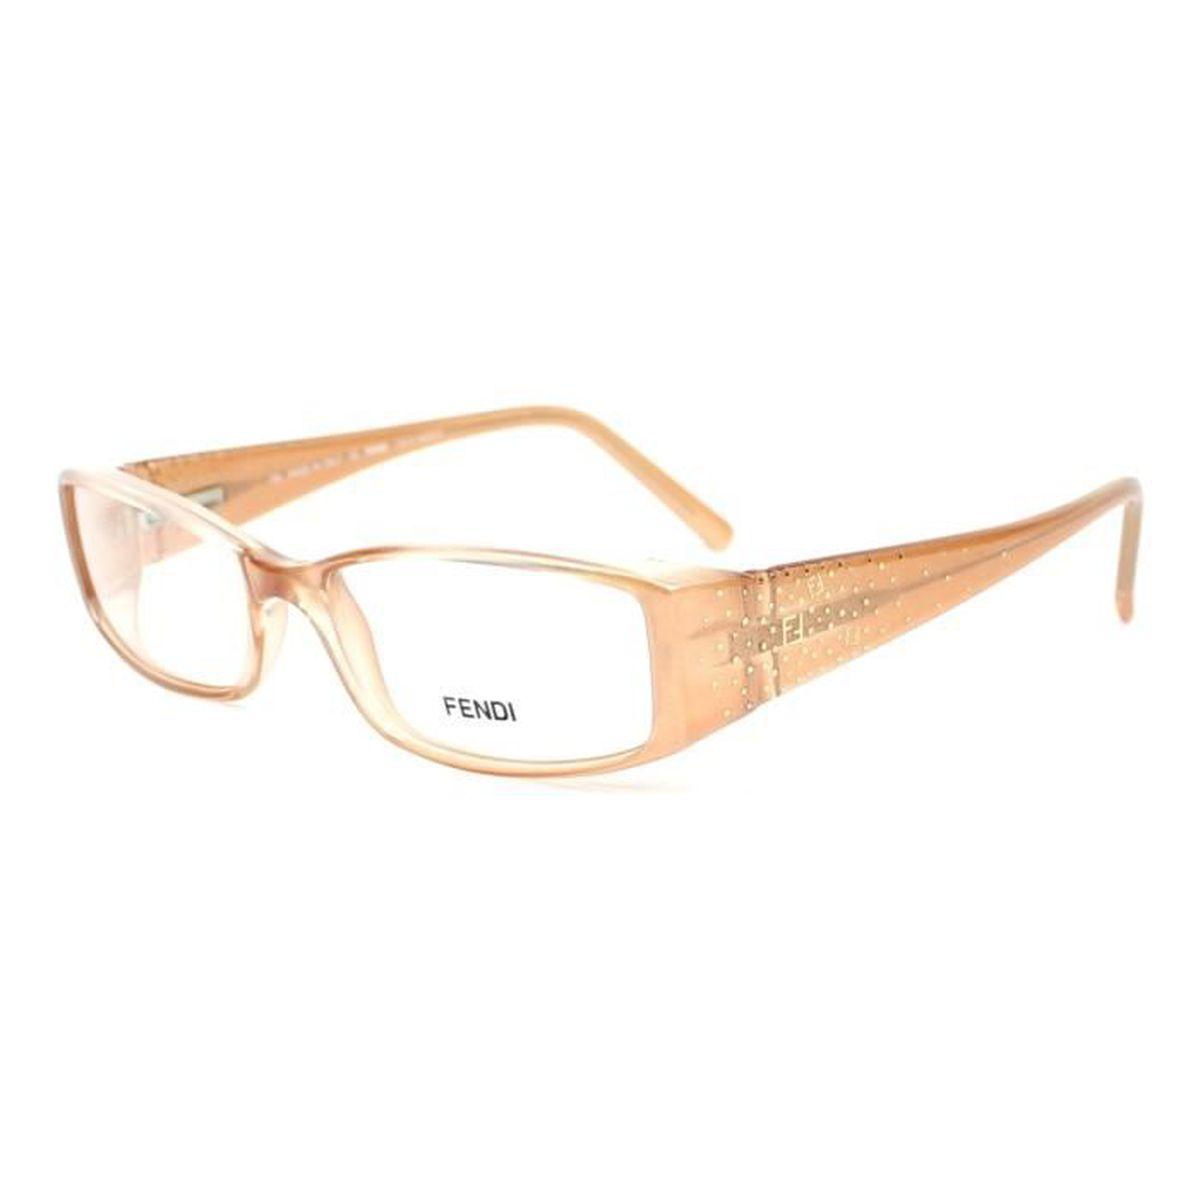 Lunettes de vue Fendi F817 -832 Nude - Achat   Vente lunettes de vue ... b15d24c0aad8